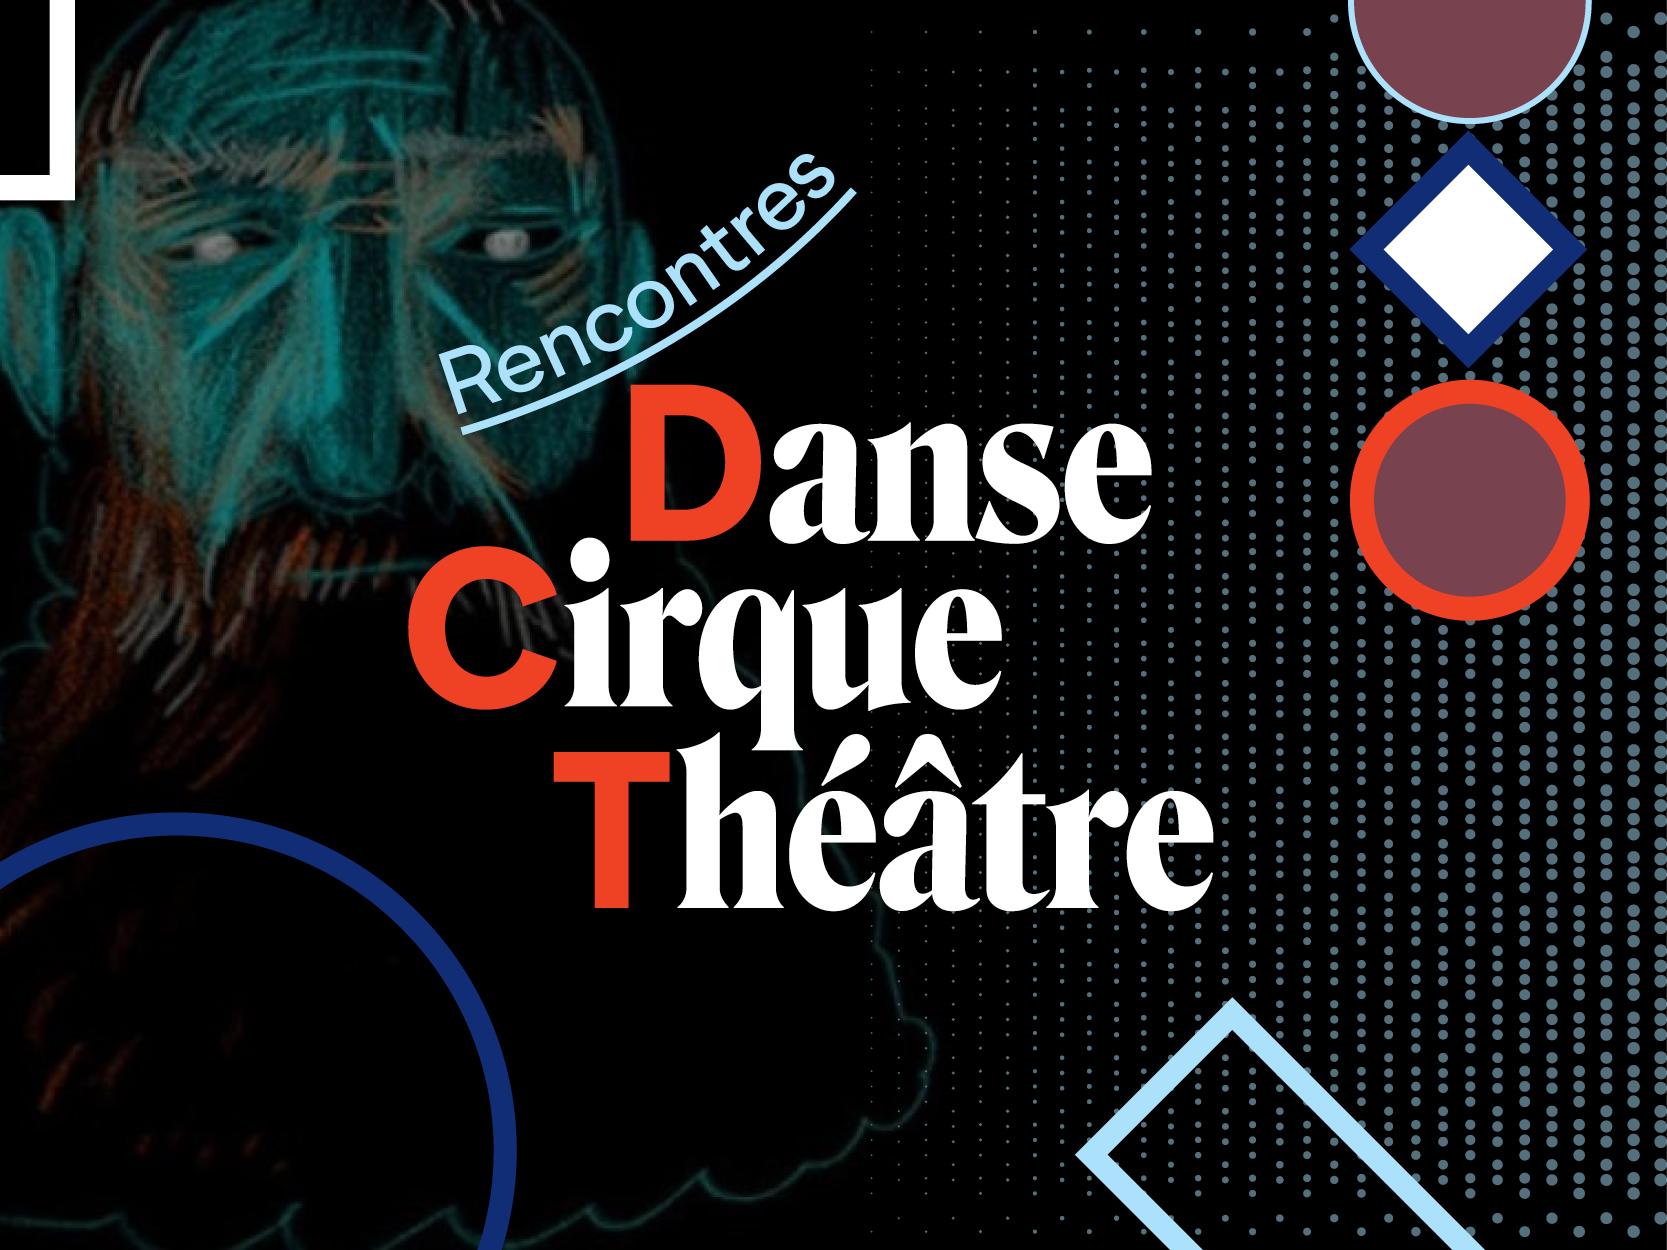 The King - Devine où je te dévore | Rencontres Danse Cirque Théâtre Et aussi